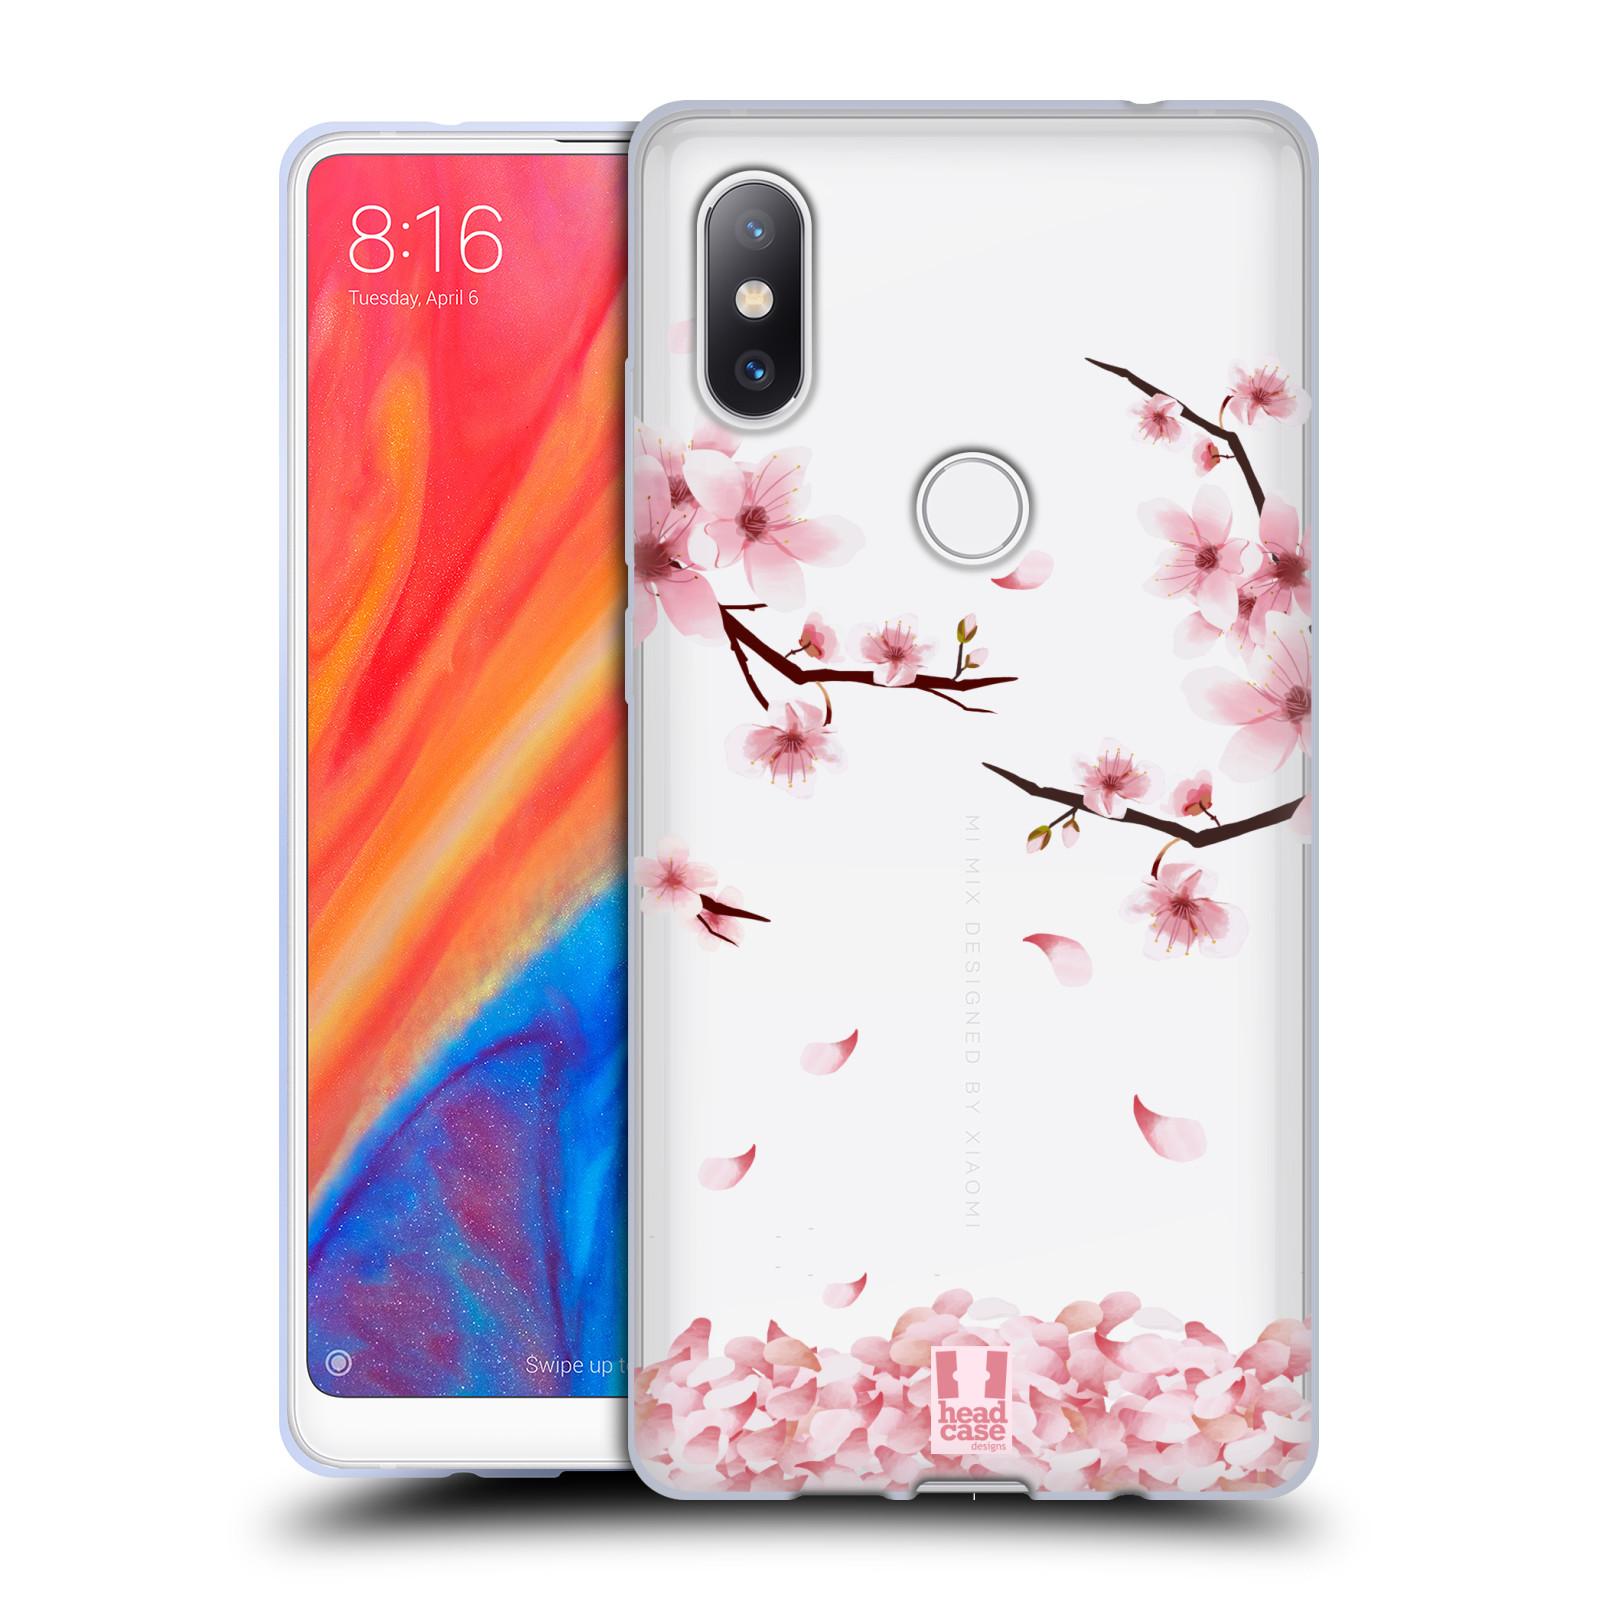 Silikonové pouzdro na mobil Xiaomi Mi Mix 2S - Head Case - Květy a větvičky